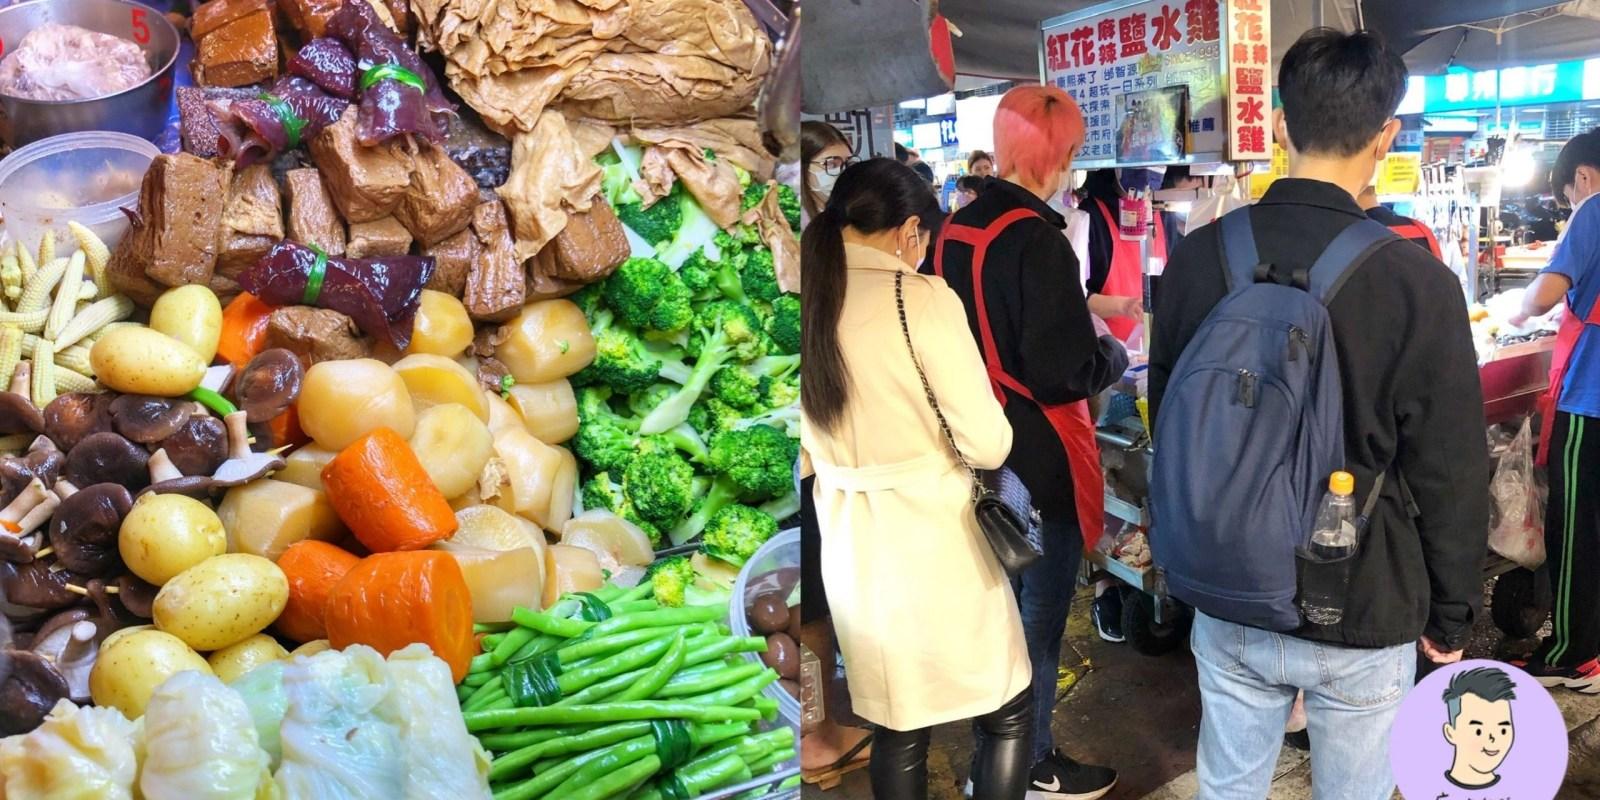 【通化夜市美食】台北超強排隊店「紅花麻辣鹽水雞」超過30種自助吧自己夾!獨家醬汁超美味